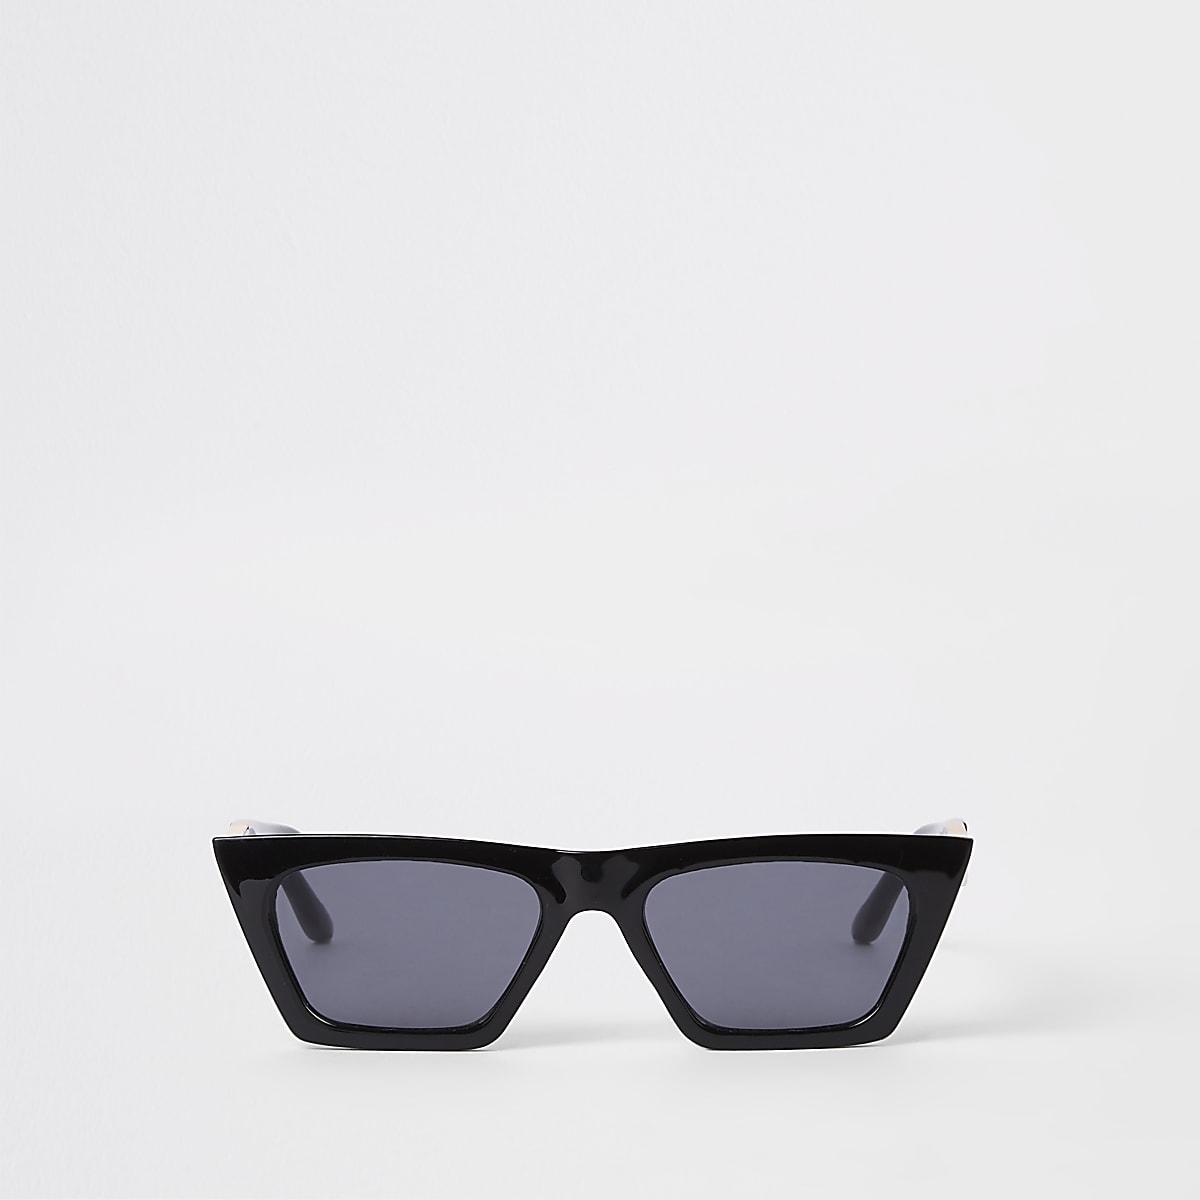 Lunettes de soleil masque noires avec verres miroir